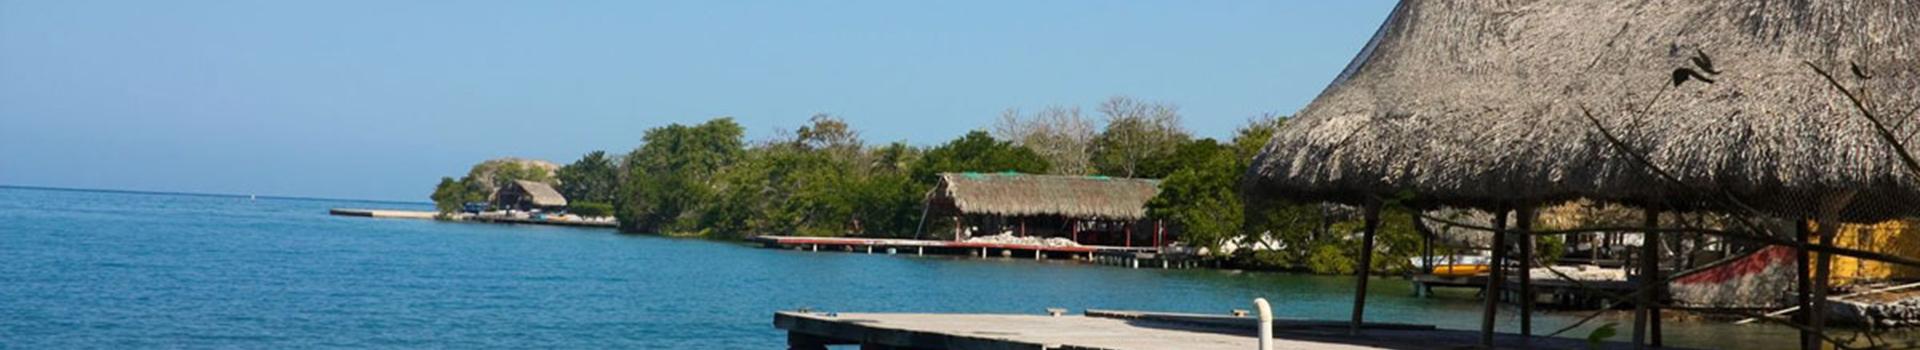 Islas-rosario1